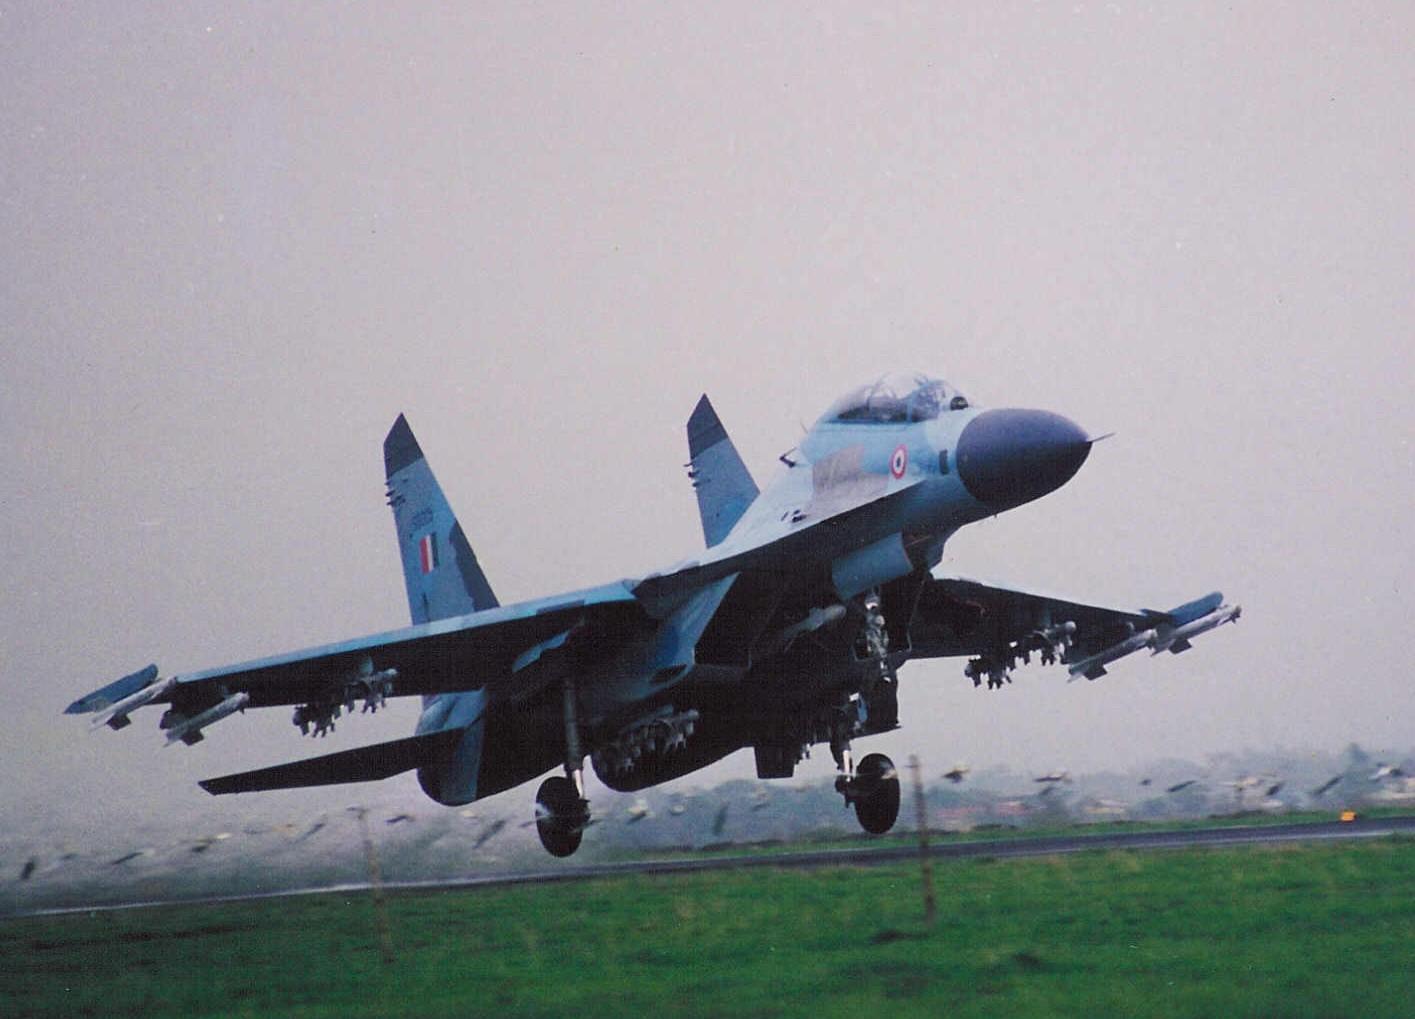 Sukhoi aircraft take off